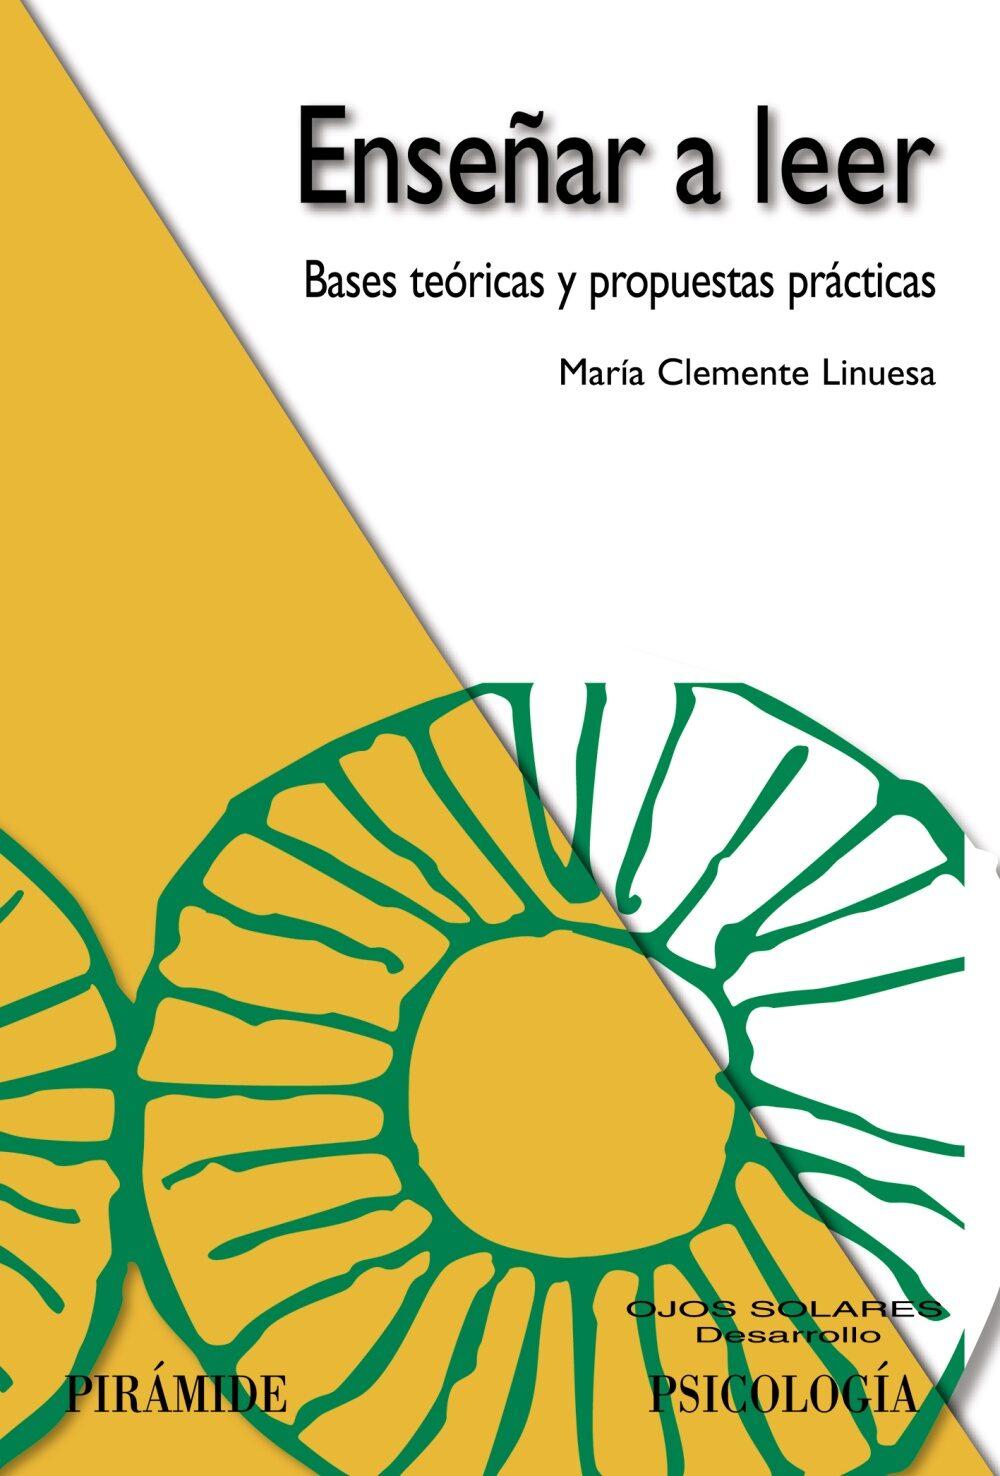 Enseñar A Leer: Bases Teoricas Y Propuestas Practicas - Clemente Linuesa Maria